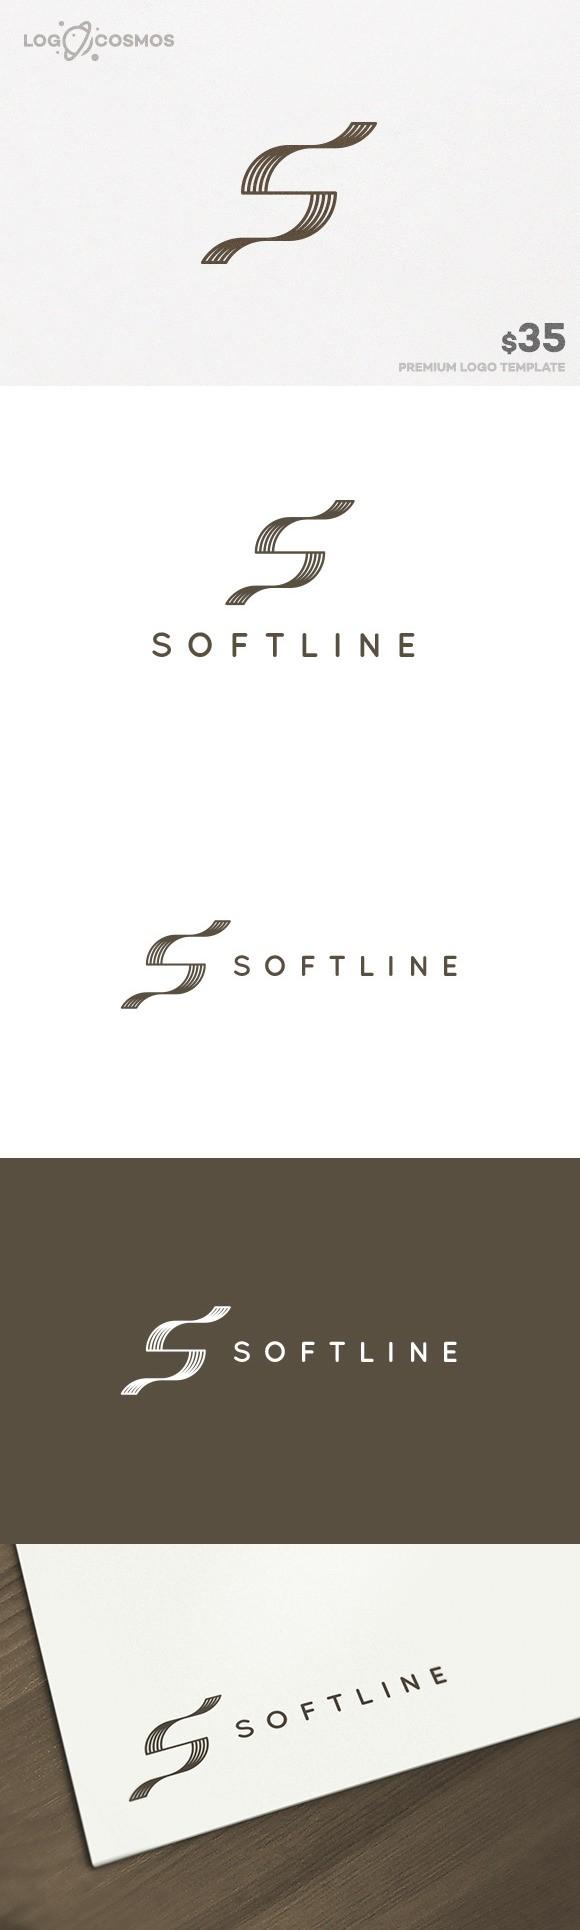 Softline - Letter S Logo. Logo Templates. $35.00